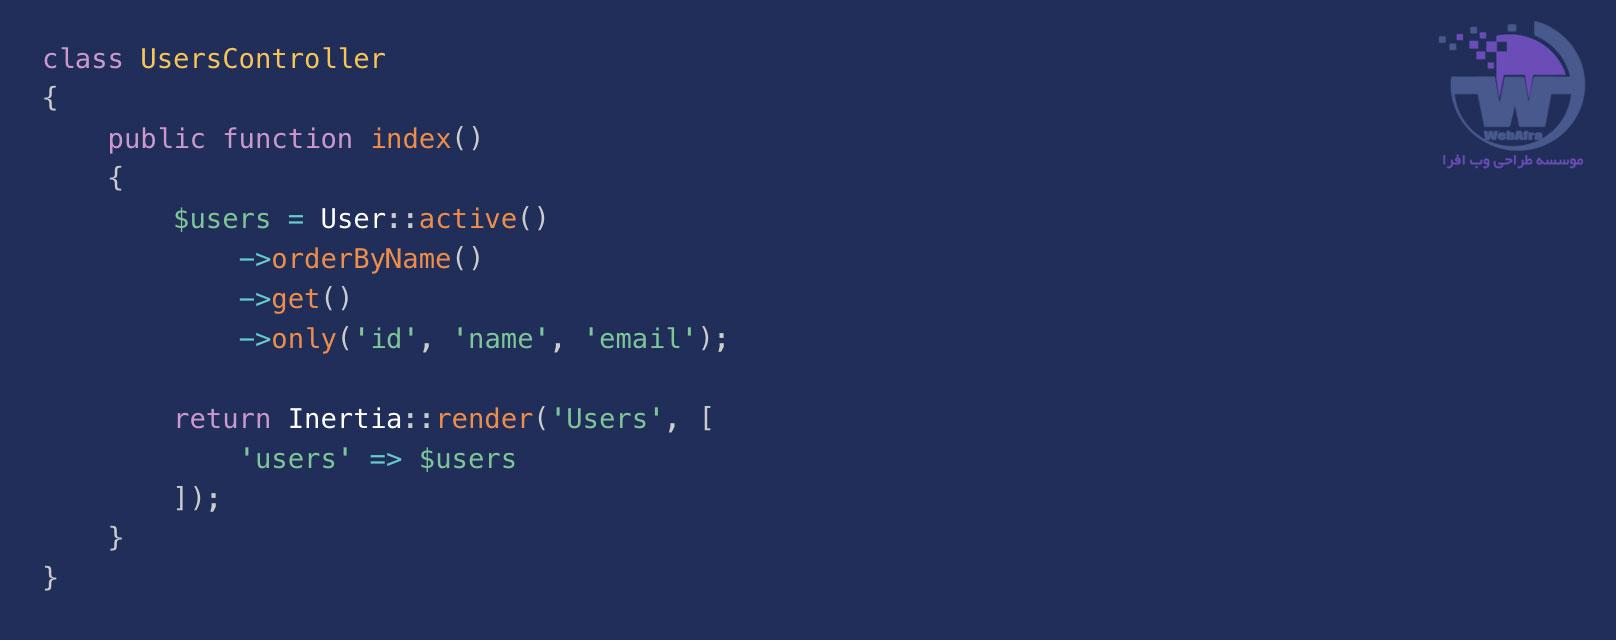 نمونه کد inertia js در کنترلر لاراول